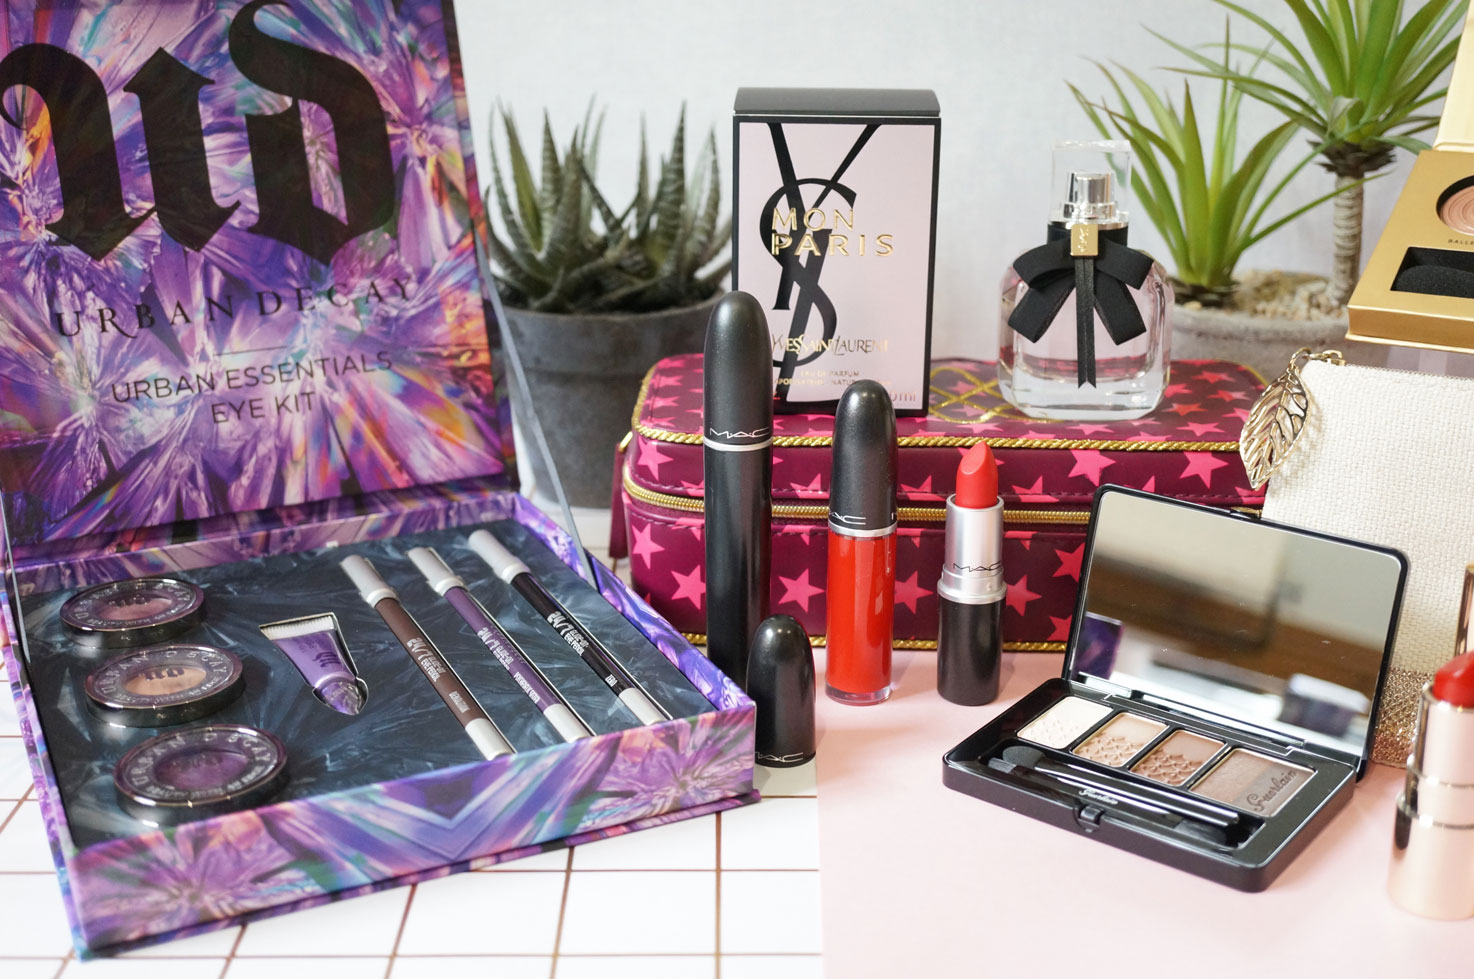 Debenhams Beauty Club Re-Launch & £200+ Luxury Bundle Giveaway ...